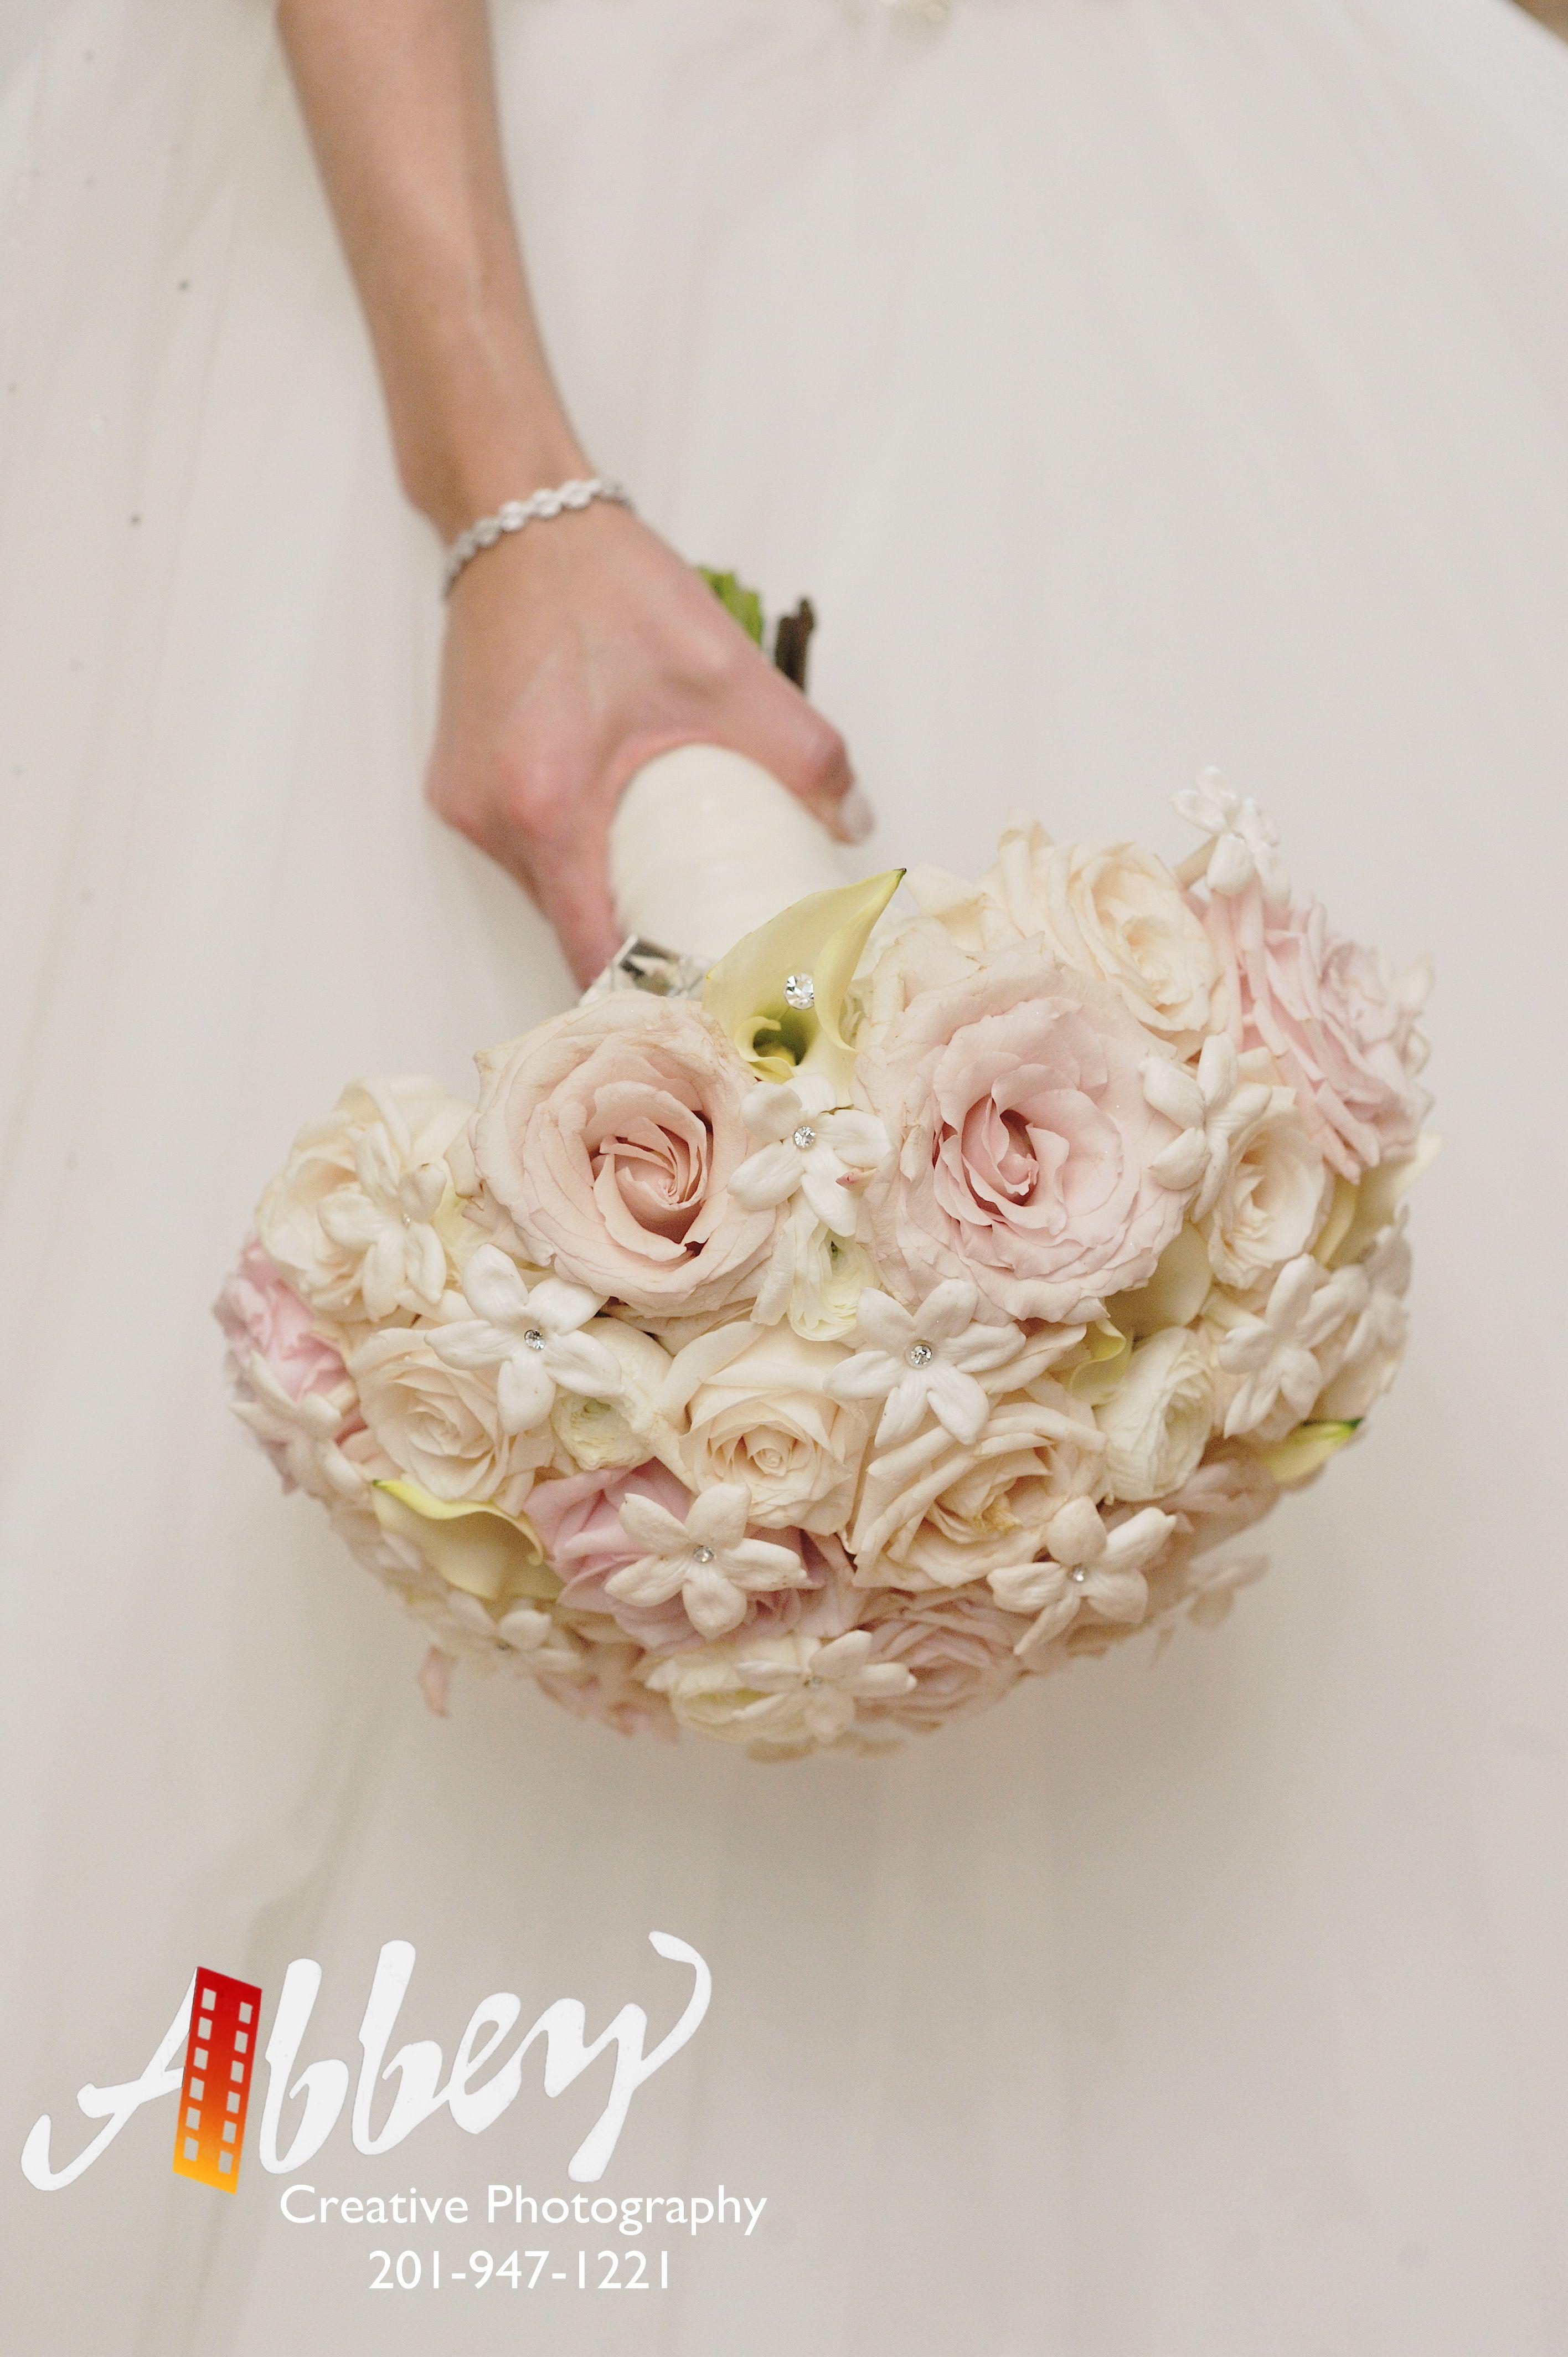 #weddingflorist #njweddingflorist #201 #Bergen #njflorist #luxweddings #2016bestofknot #2016coupleschoiceaward#weddingwire #theknot #bridebook #njweddings #smp #callustoday #solovely #huffpostido #bouquet #bridalbouquet